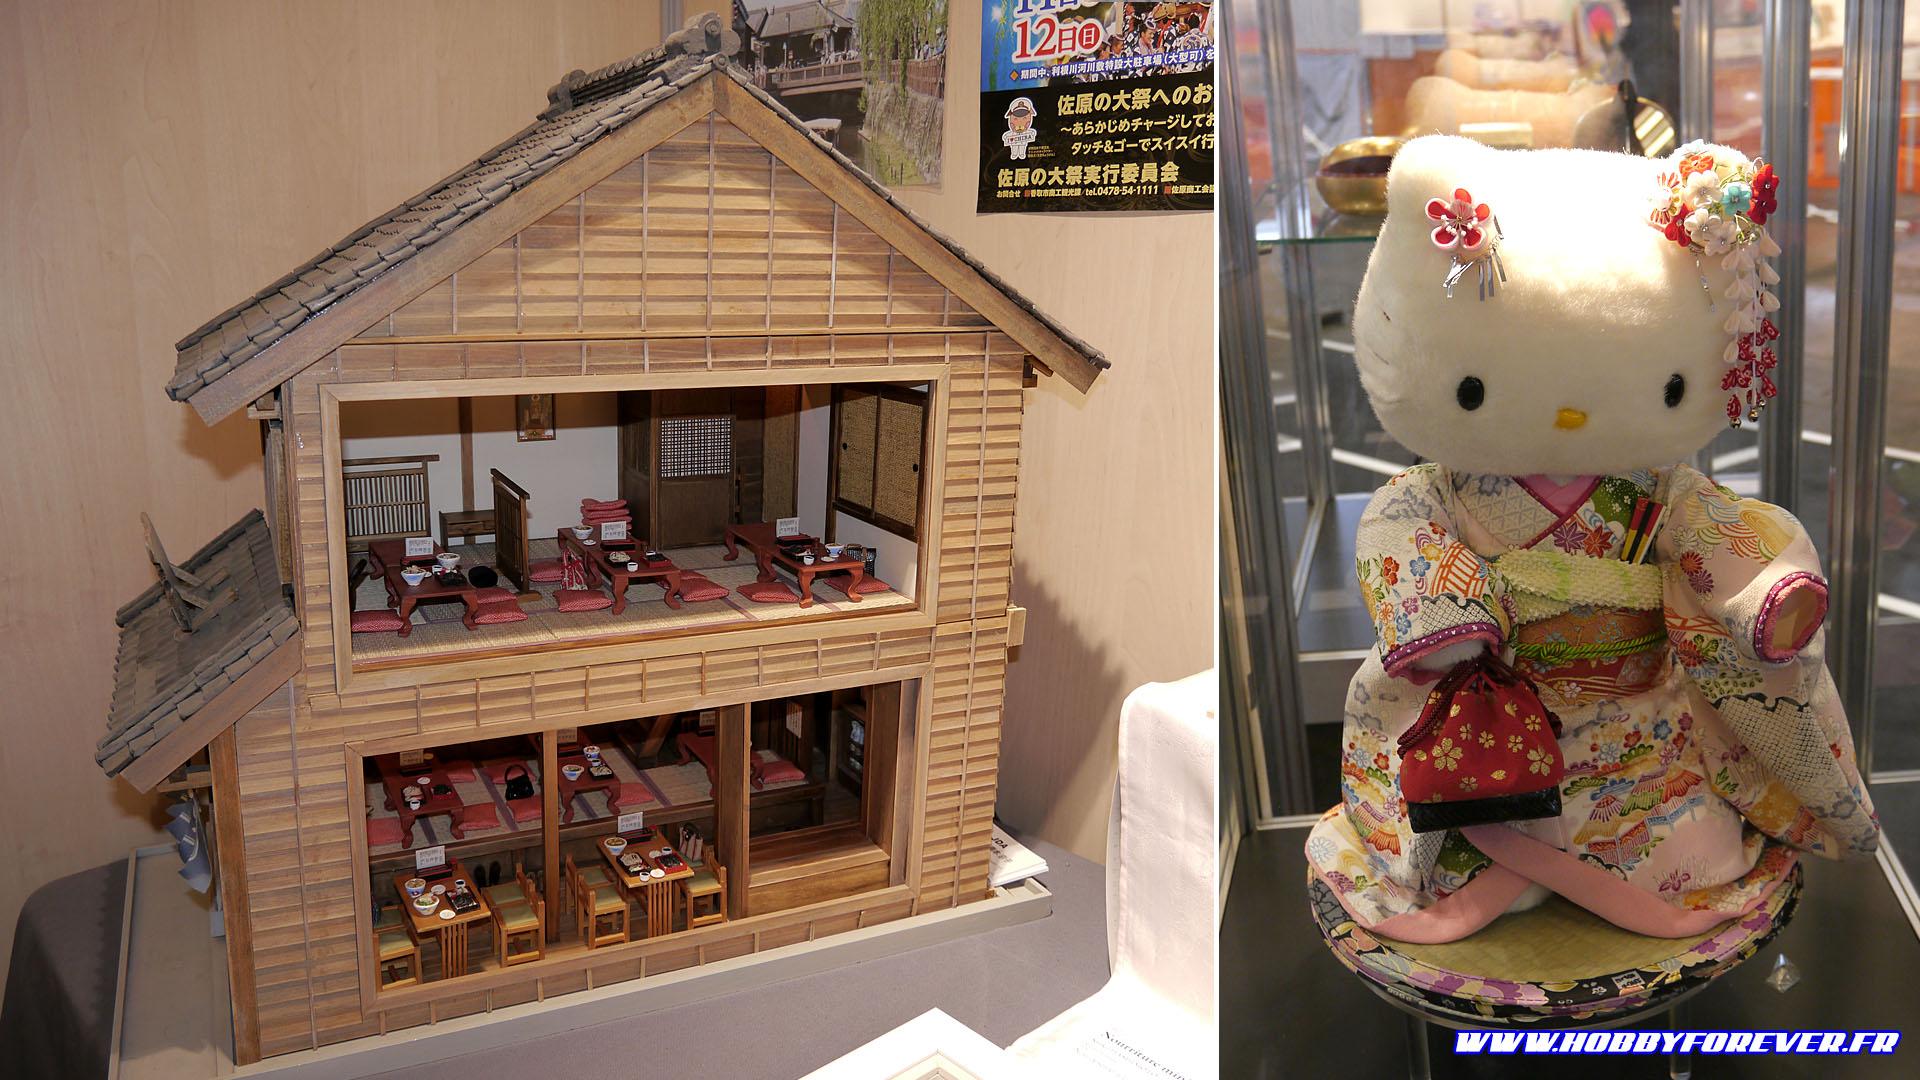 De jolies choses dans le secteur culture japonaise